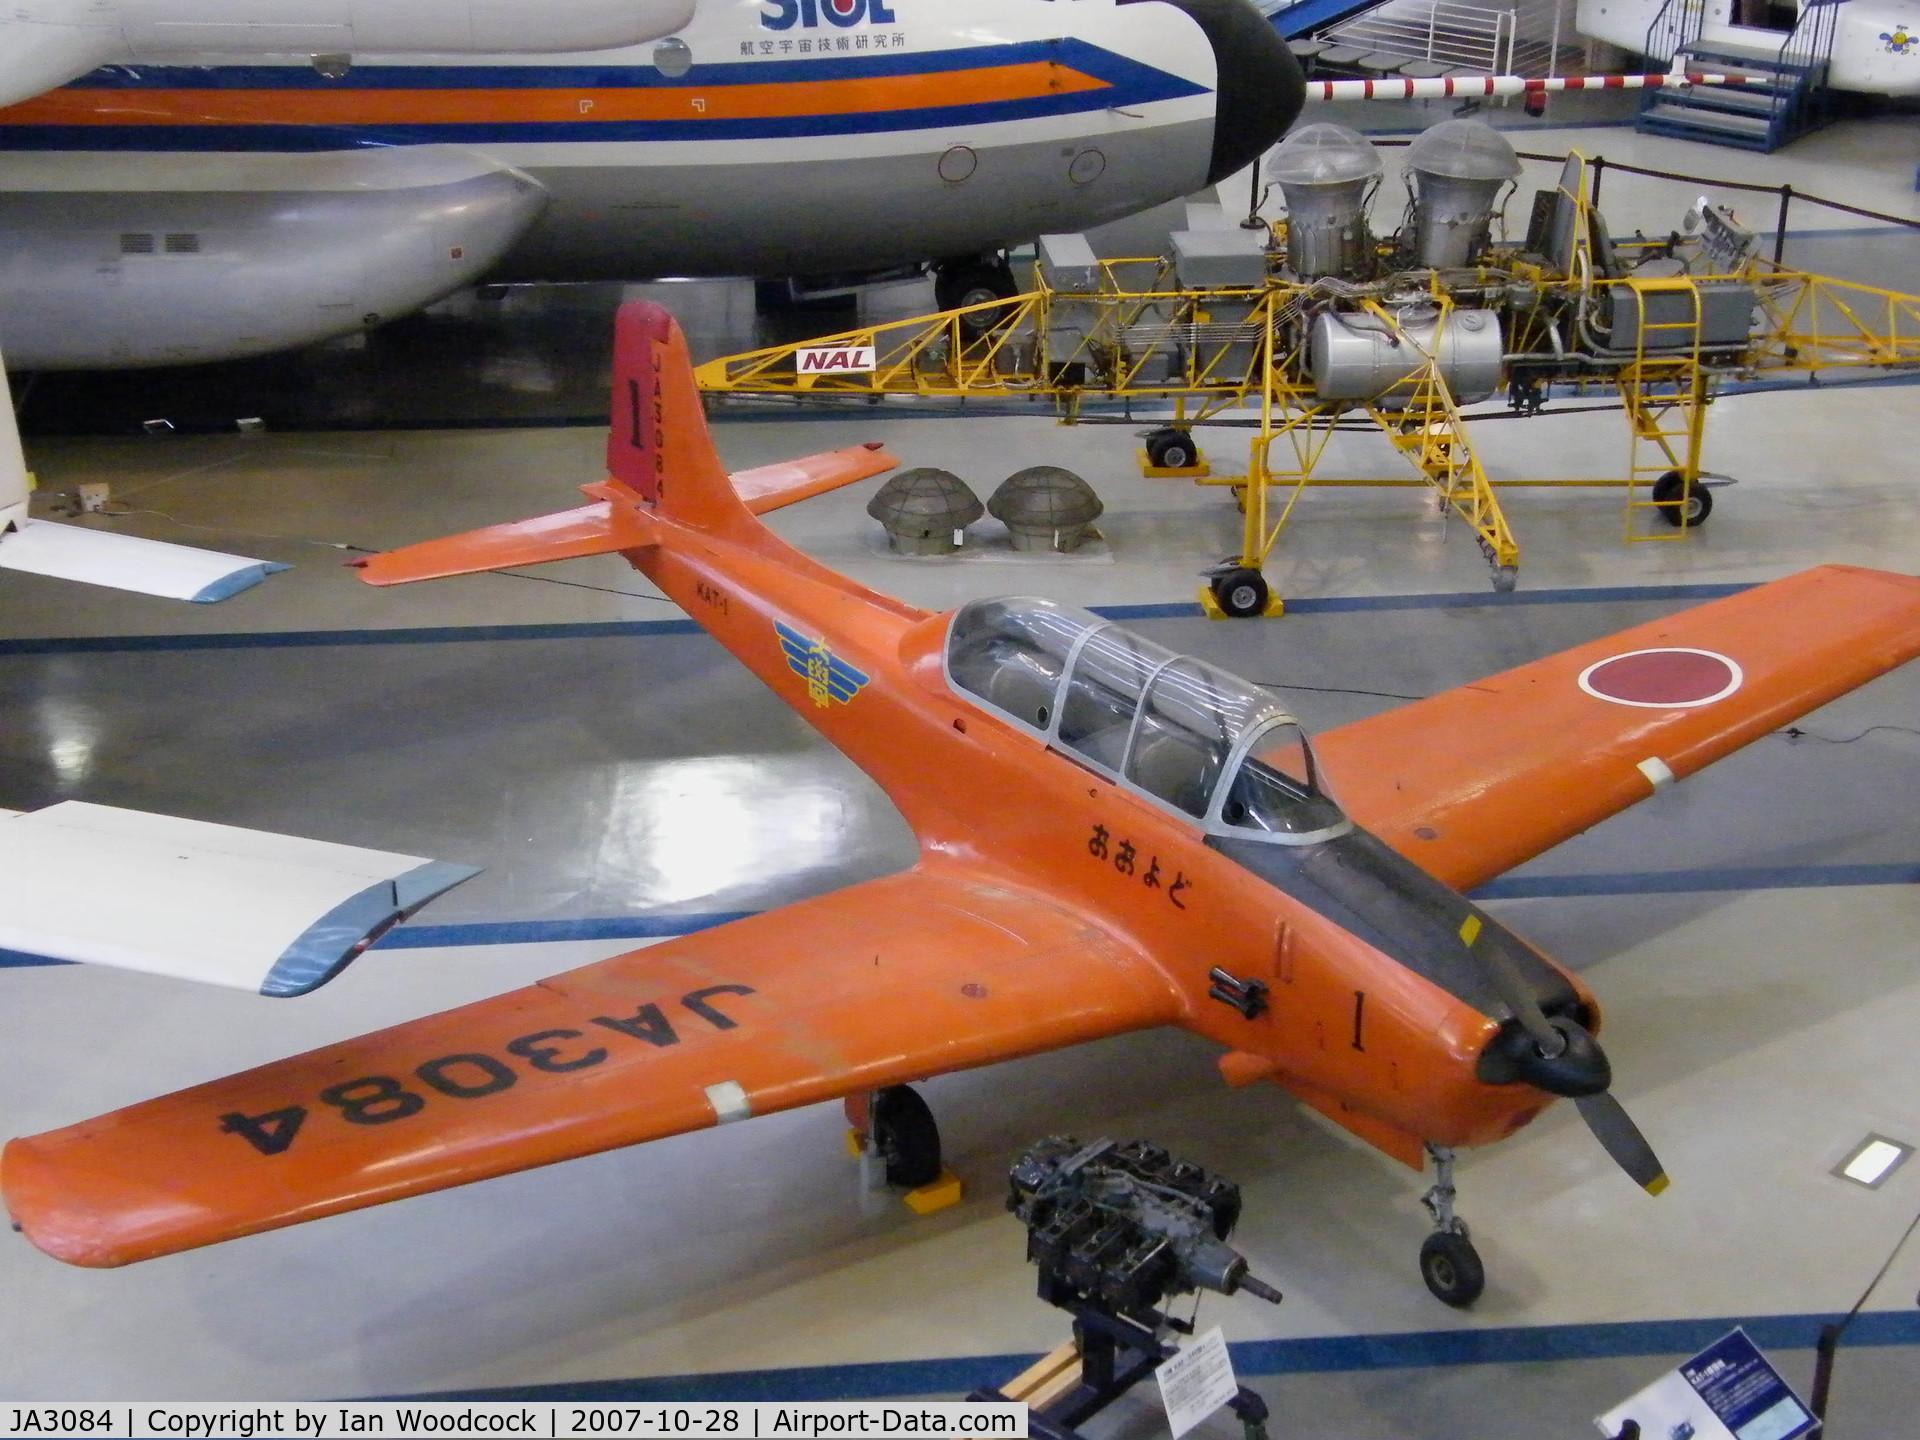 JA3084, Kawasaki KAT-1 C/N 001, Kawasaki KAT-1/Gifu Museum